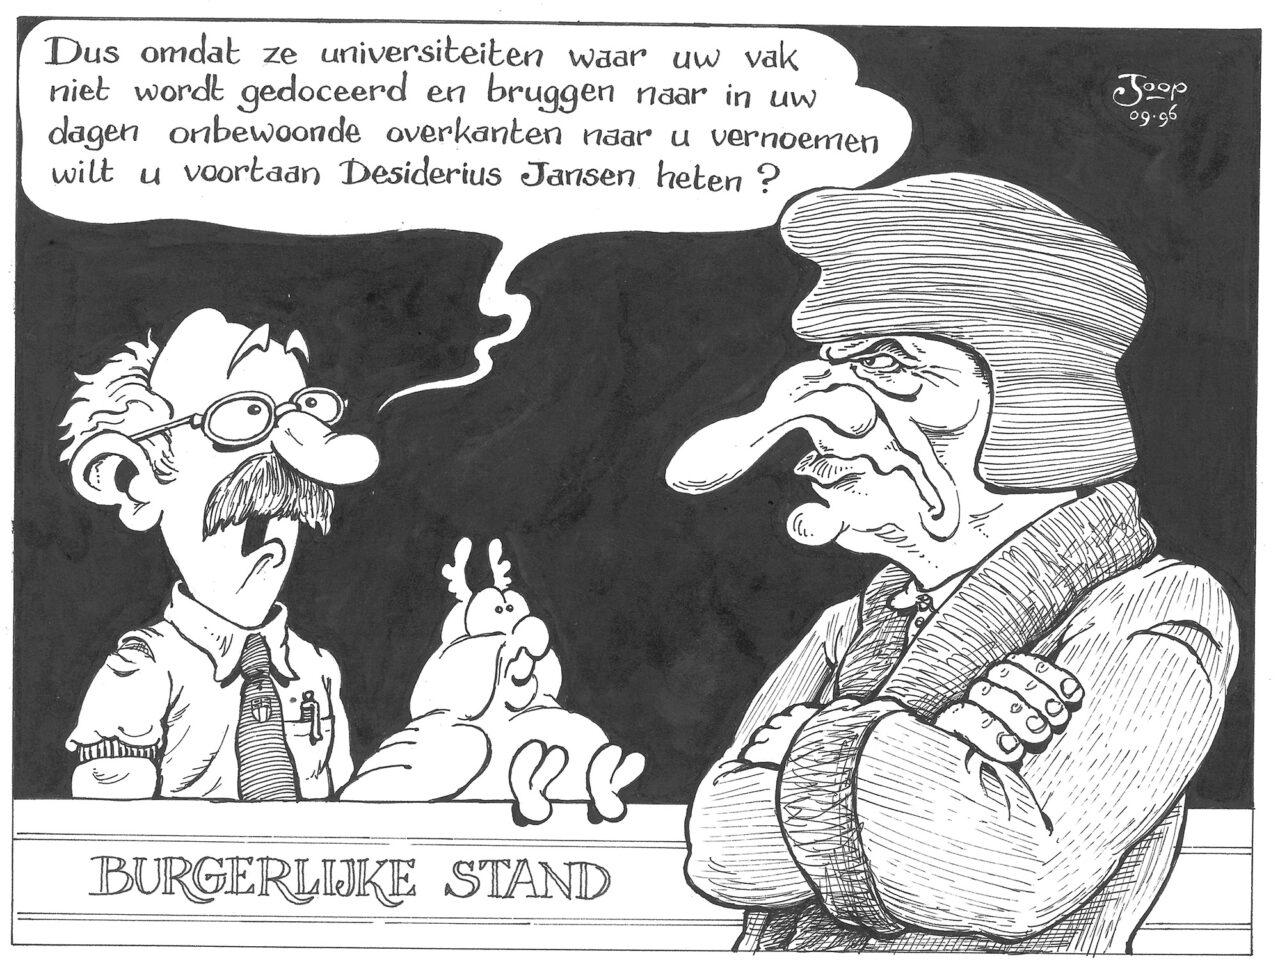 Burgerlijke stand – Joop Verkamman